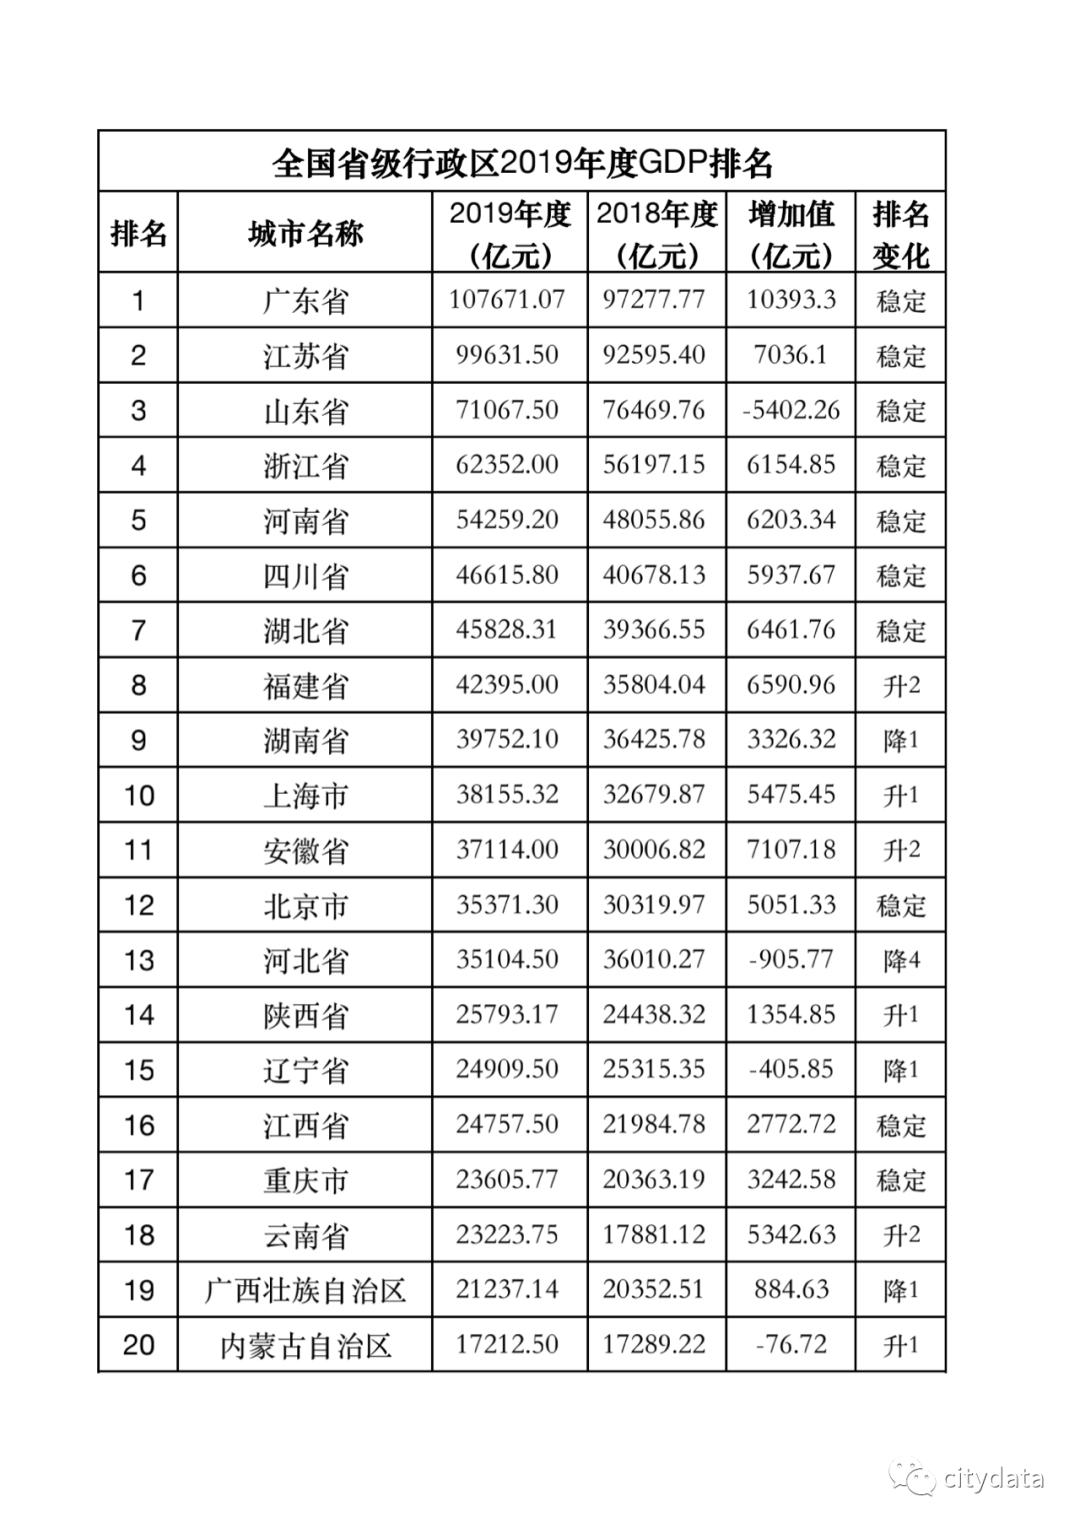 山东省gdp排名_27省市前三季度GDP出炉:江苏发力、山东压力大、湖北有惊喜!